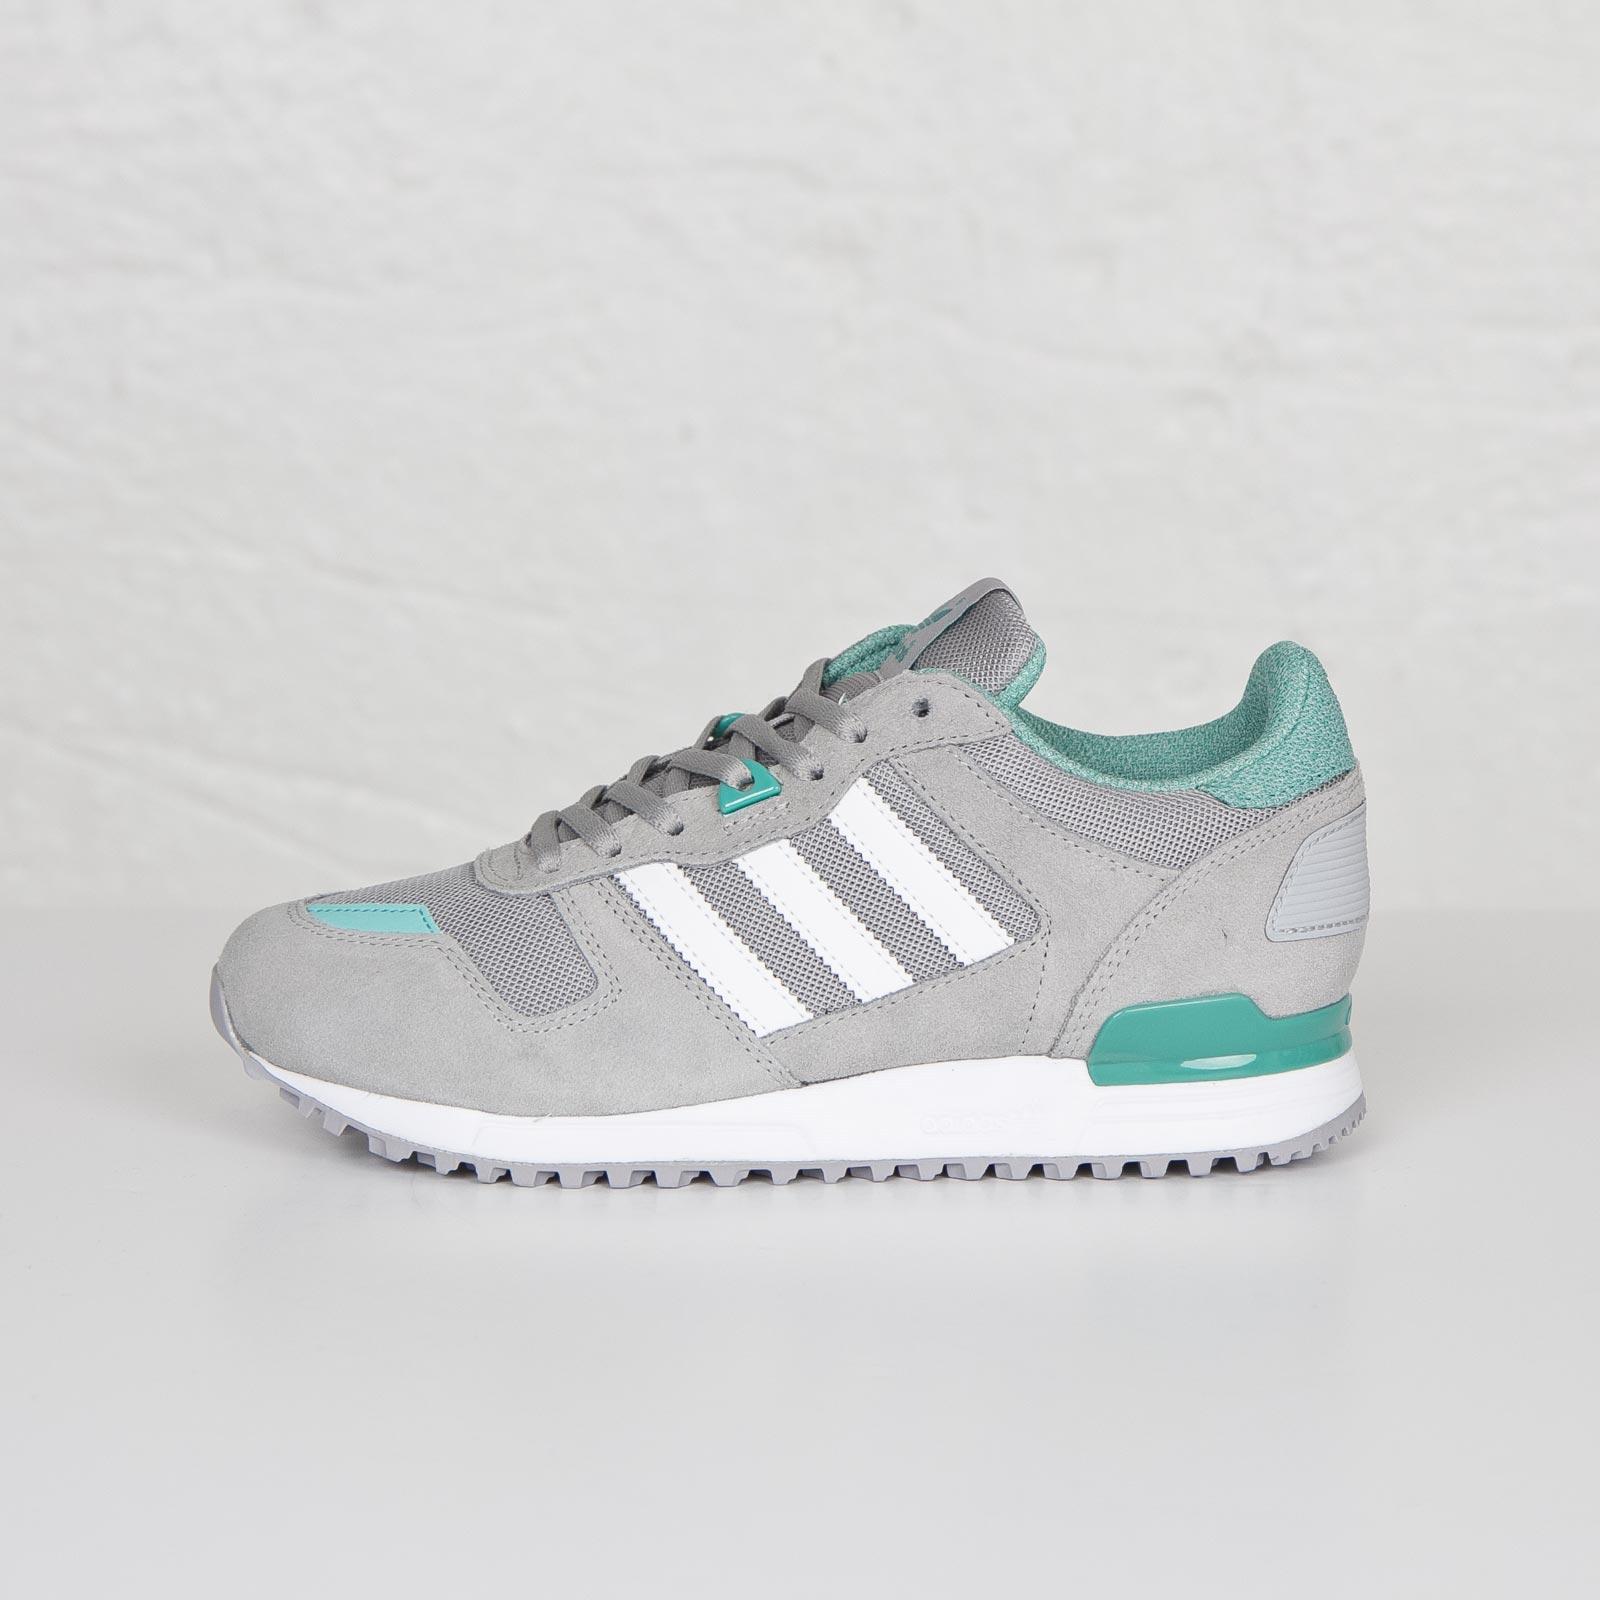 inexpensive adidas zx 700 w grau 48d5d 0de6b